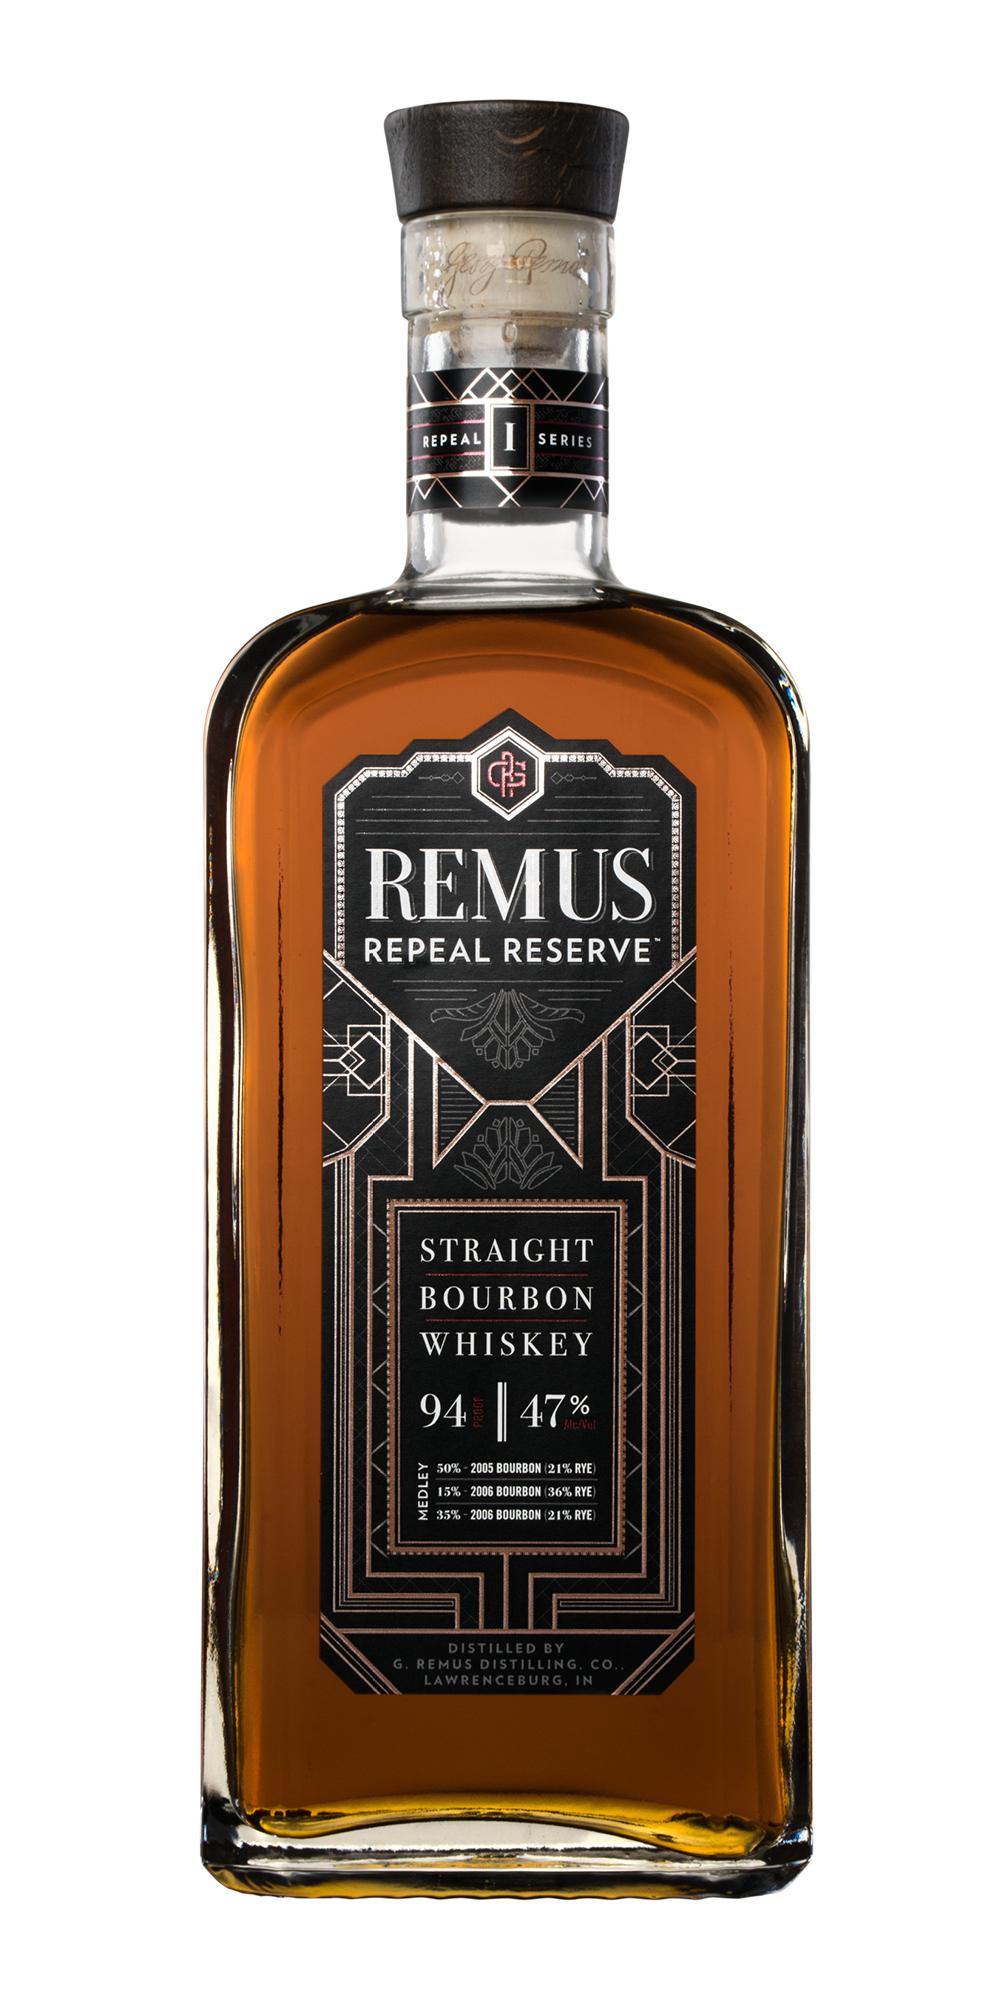 Remus Repeal Reserve